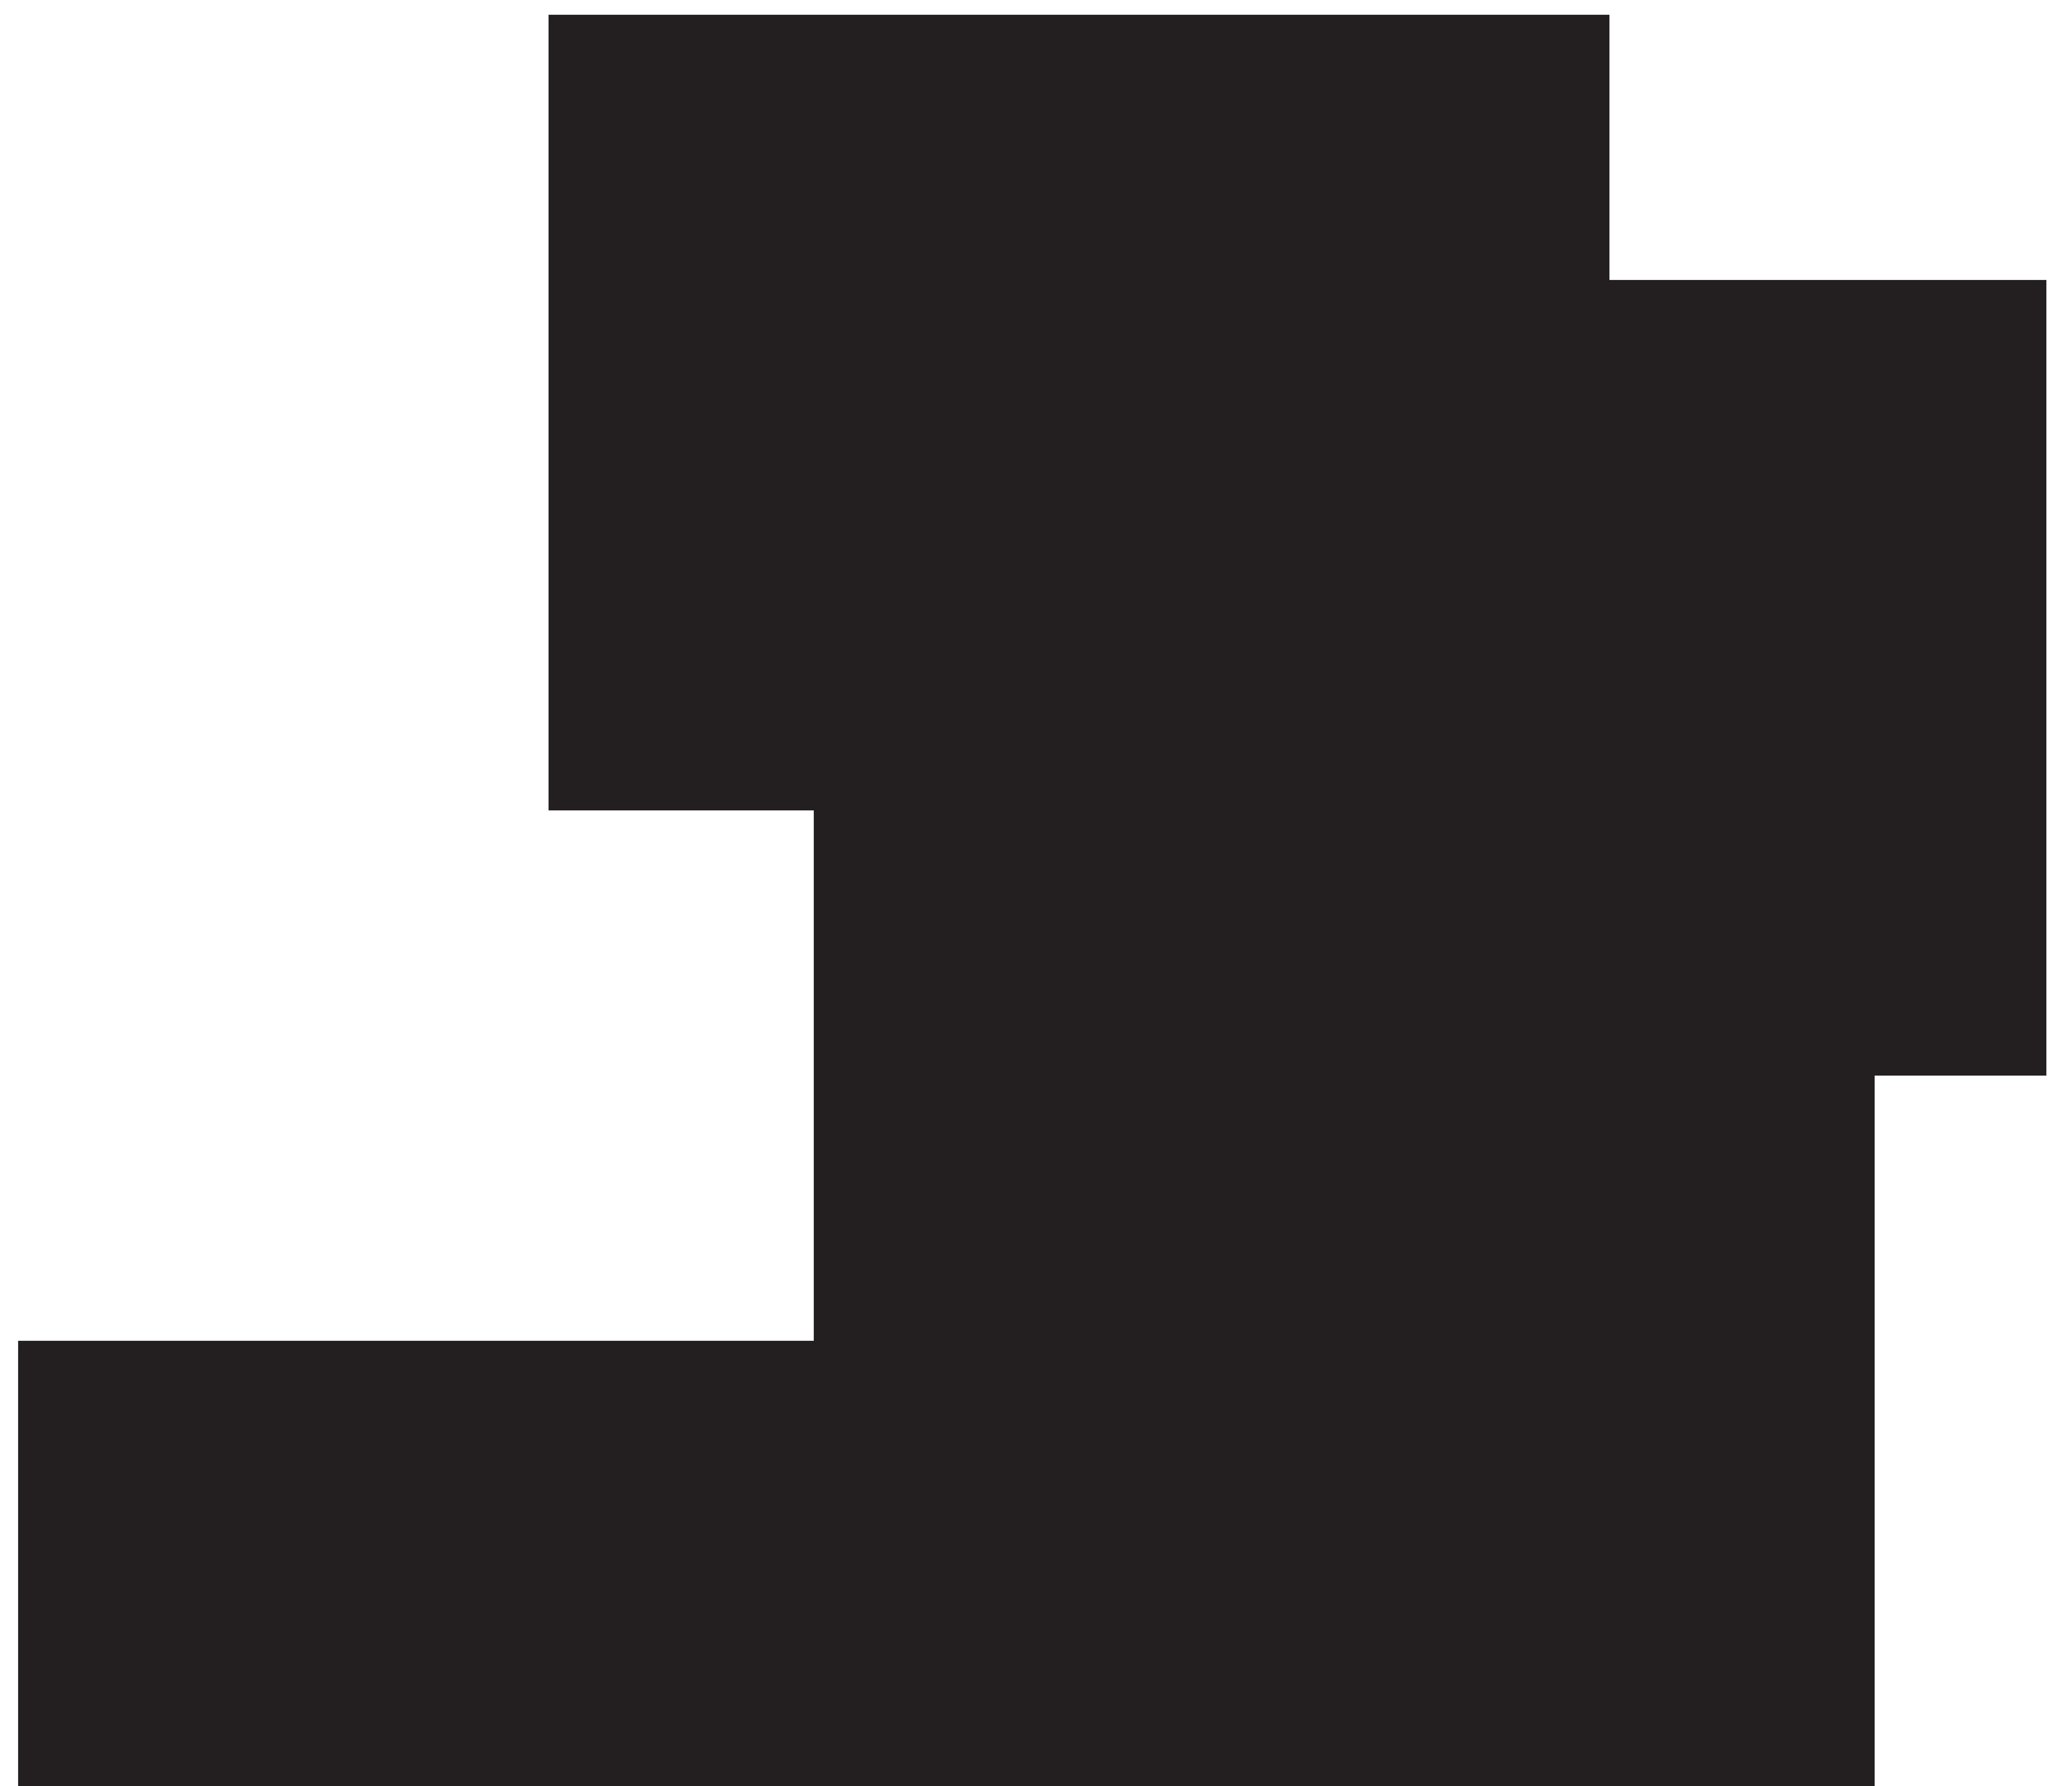 Arecaceae Silhouette Clip art.